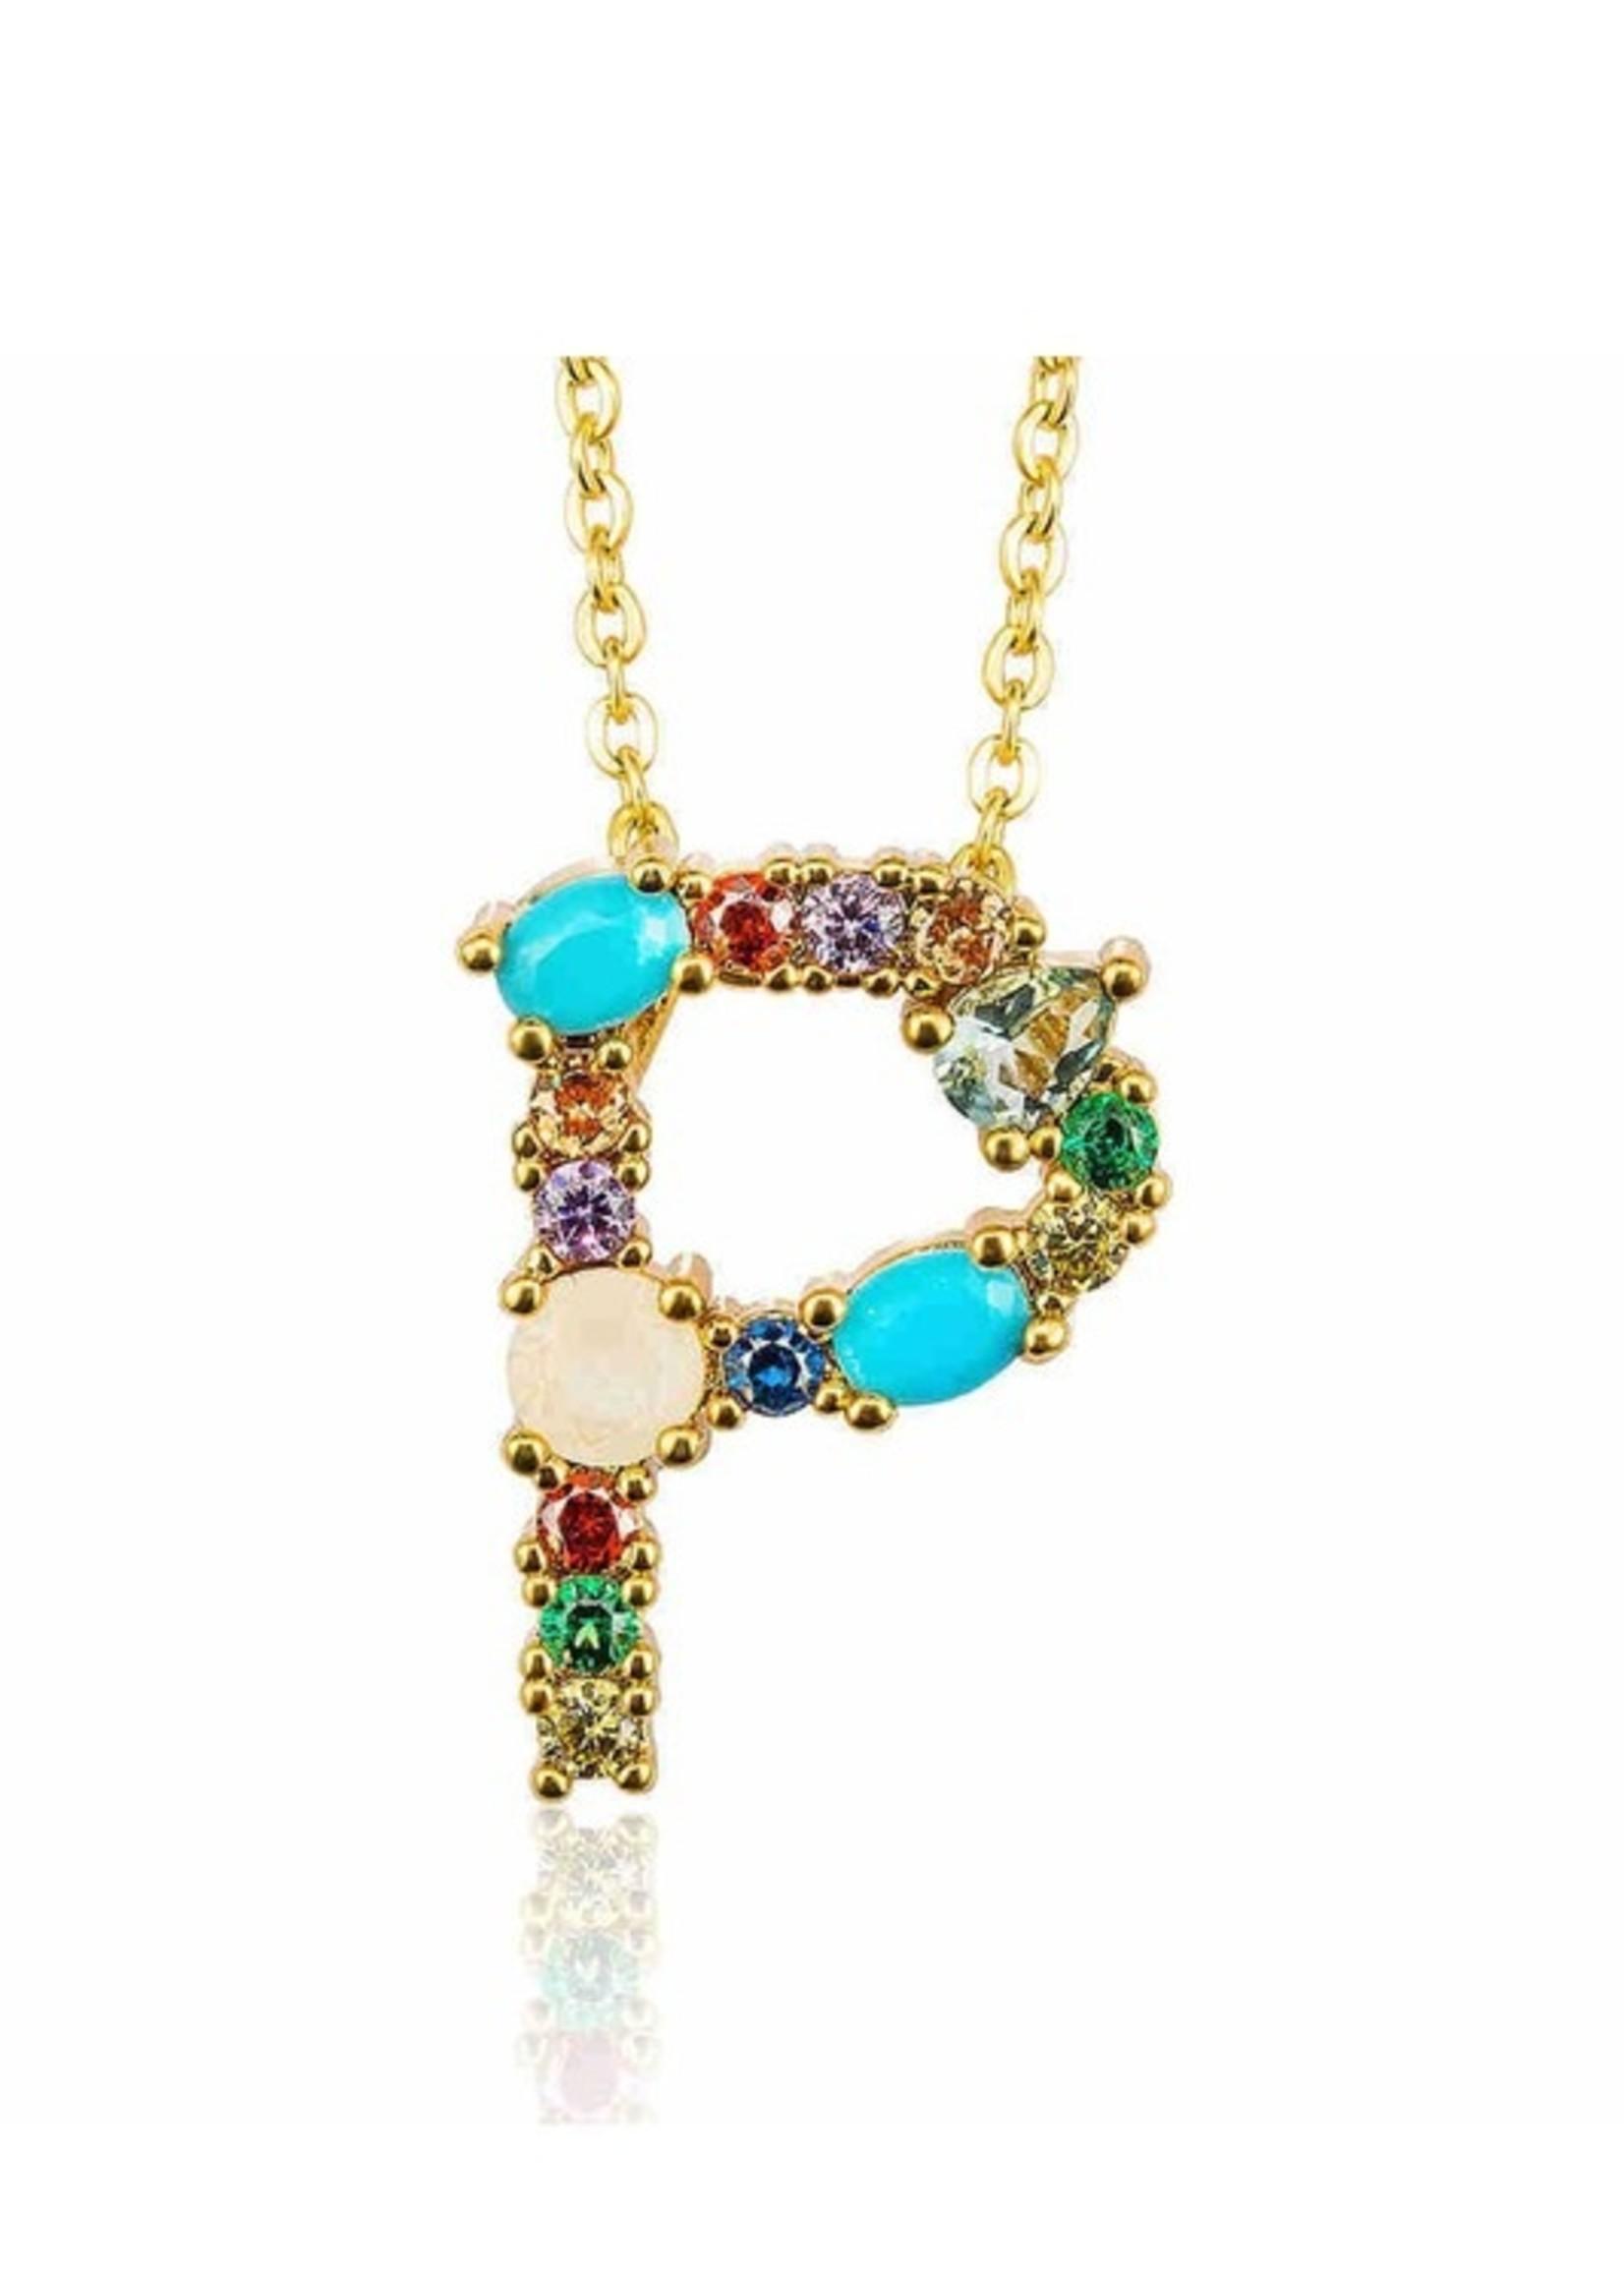 Rhinetone initial necklace